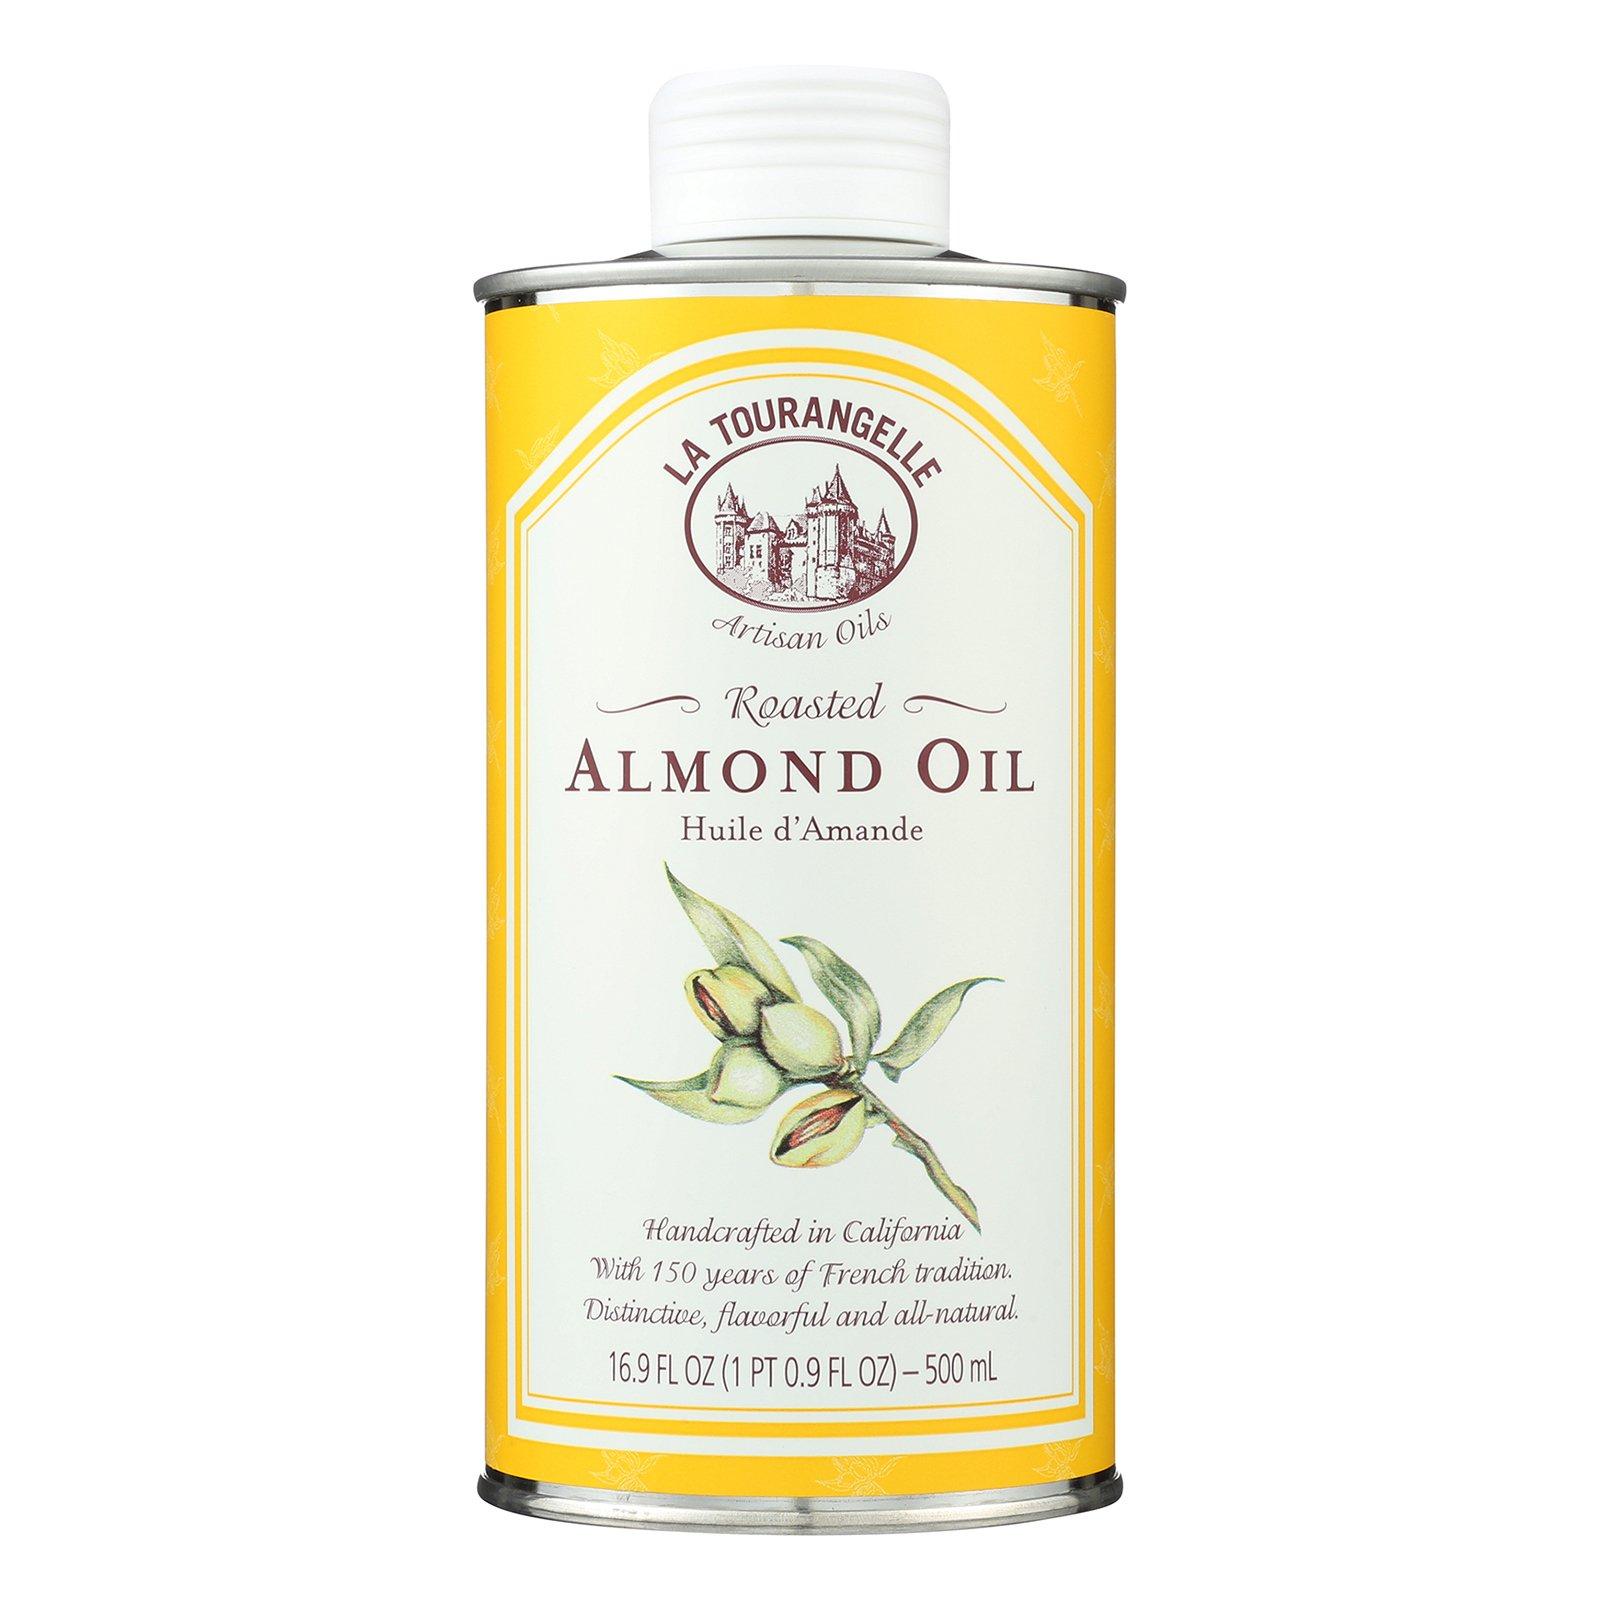 La Tourangelle Roasted Almond Oil - Case of 6 - 500 ml by La Tourangelle